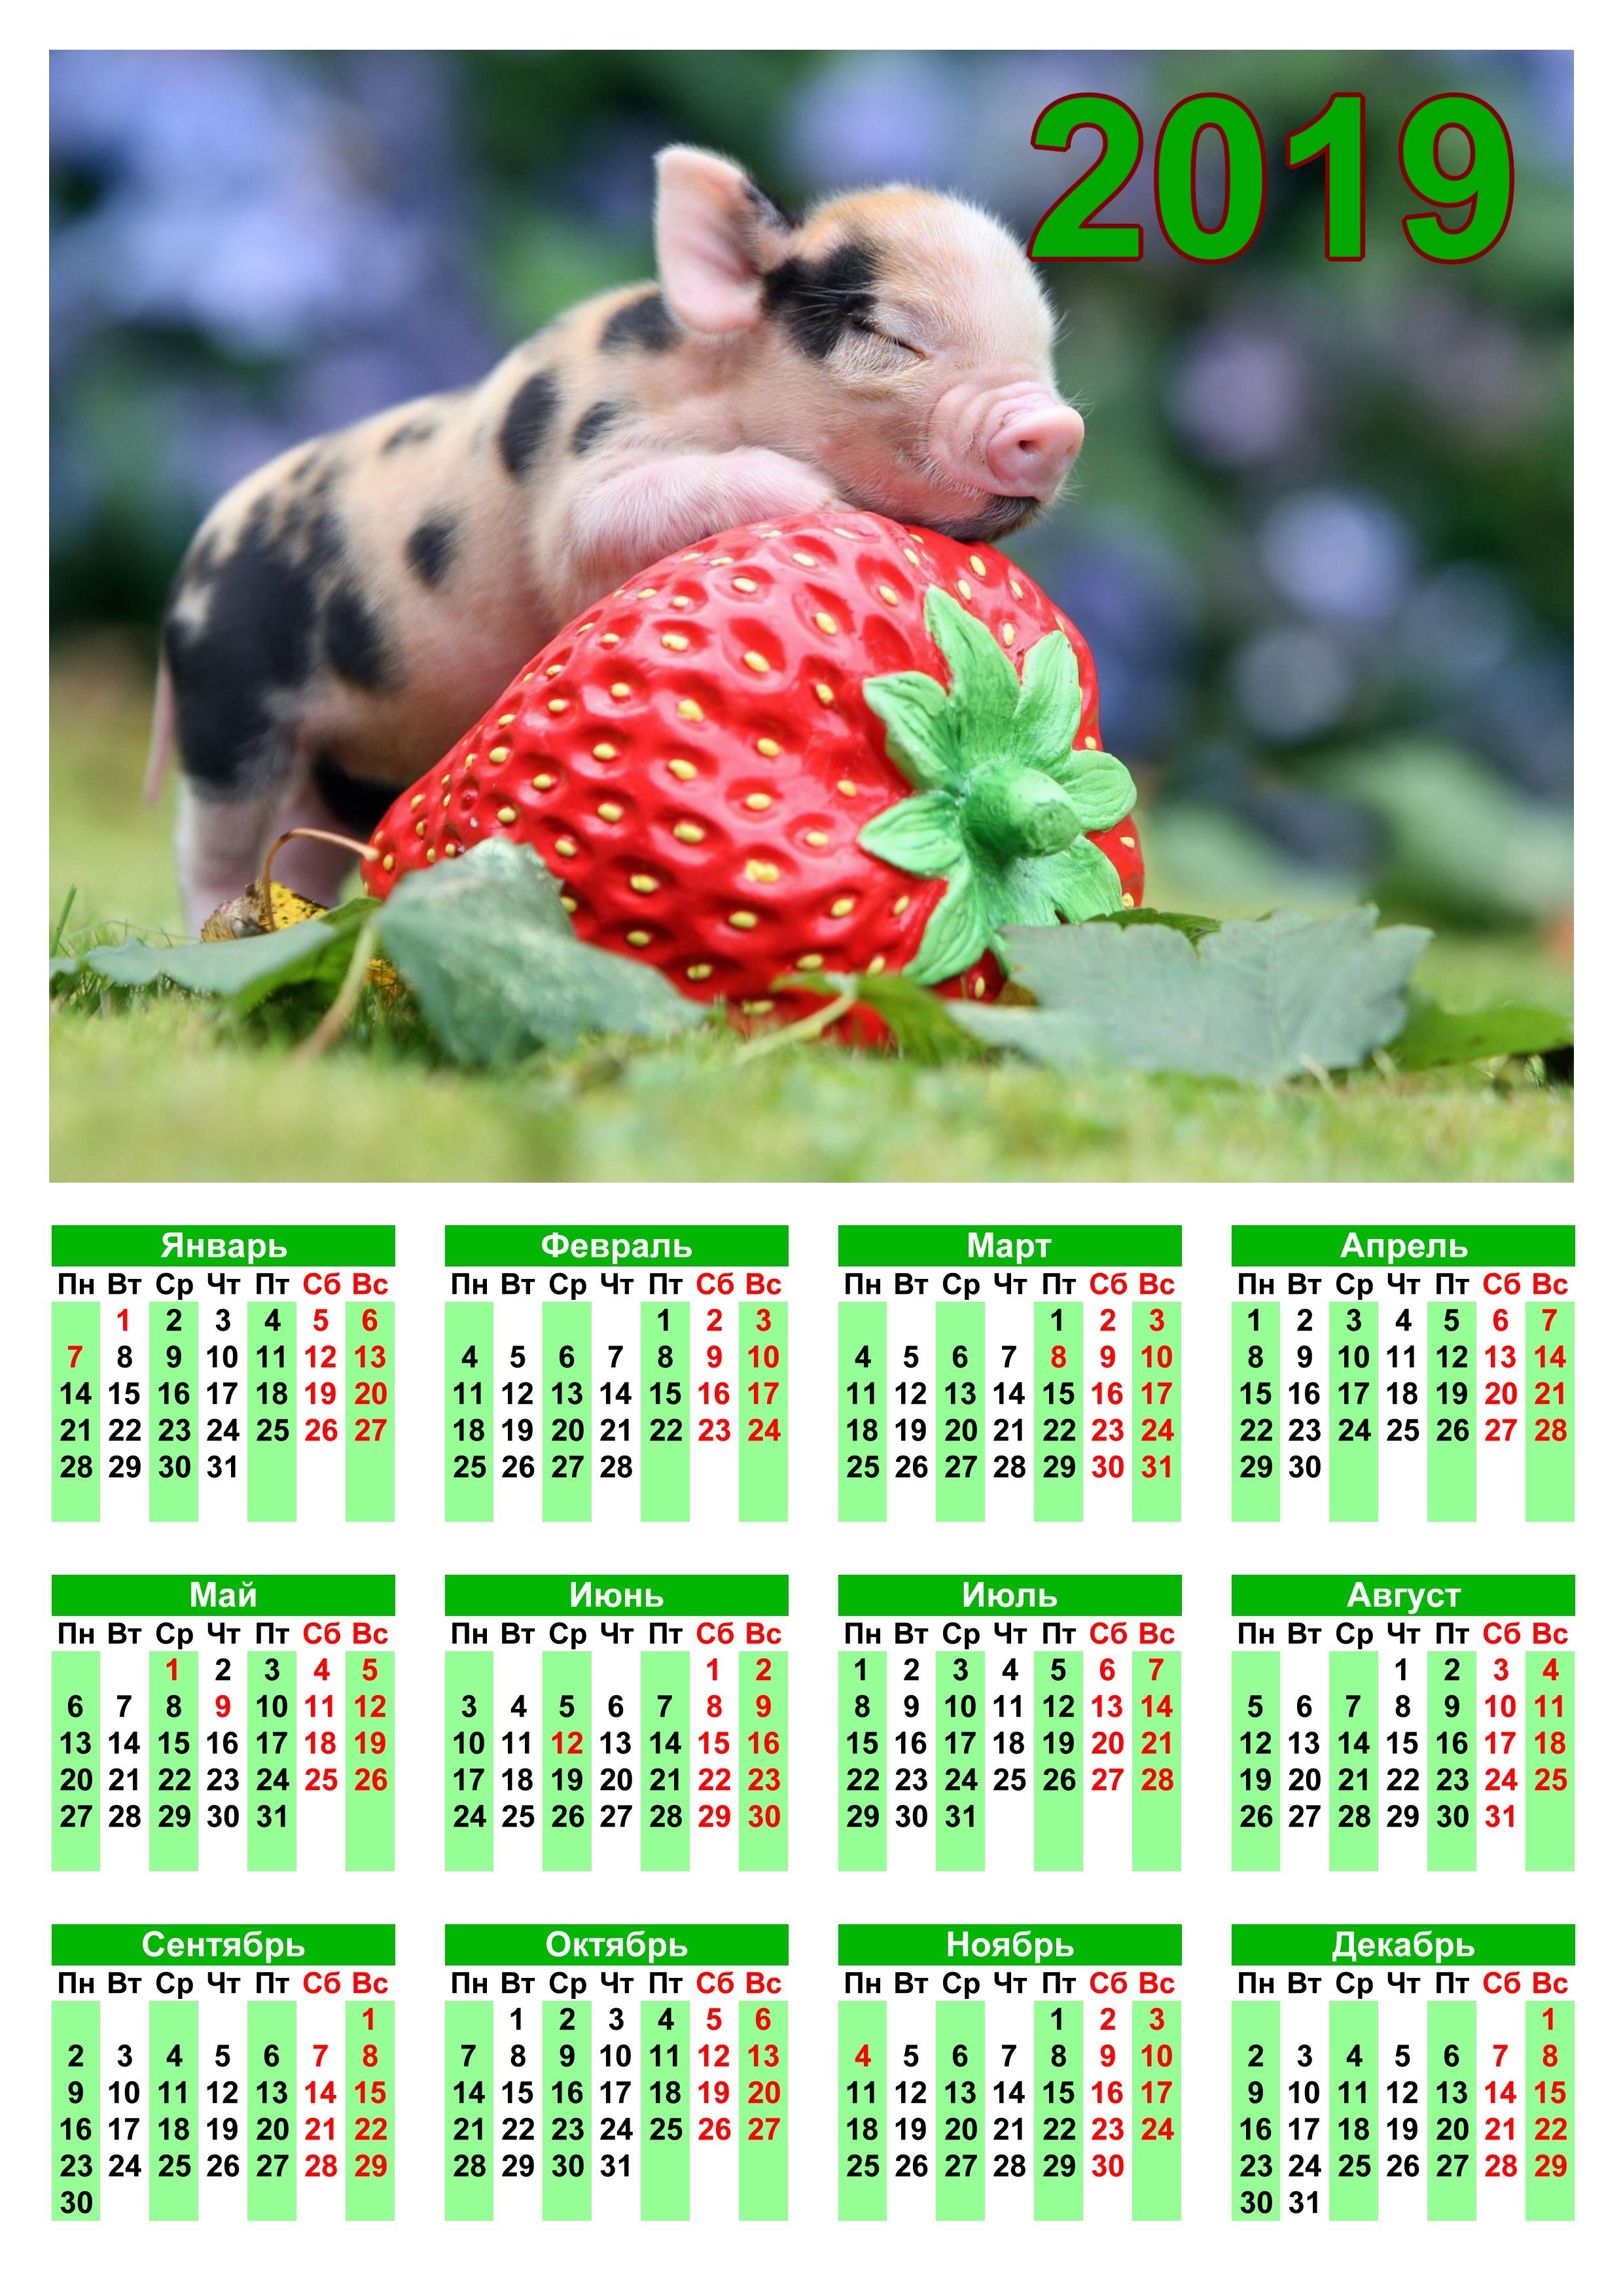 яндекс картинки календарь 2019 усадили кресло